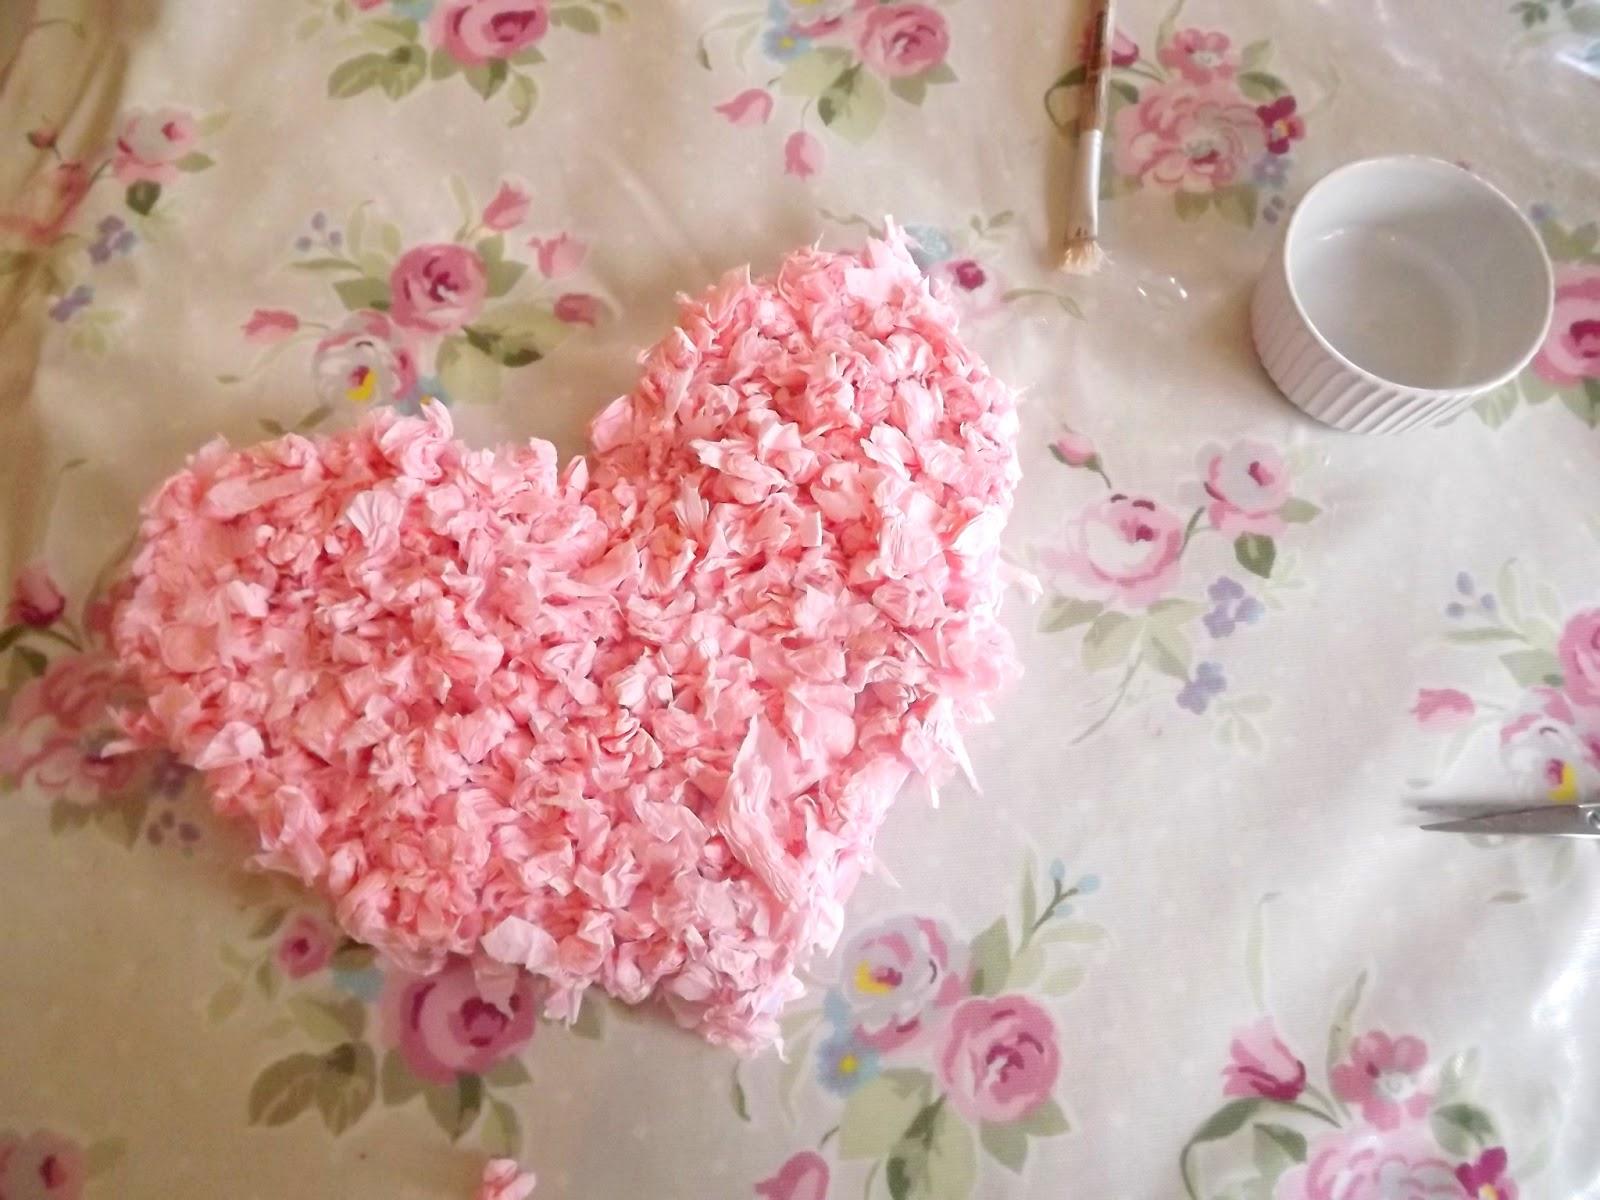 Tissue Paper Heart Garland